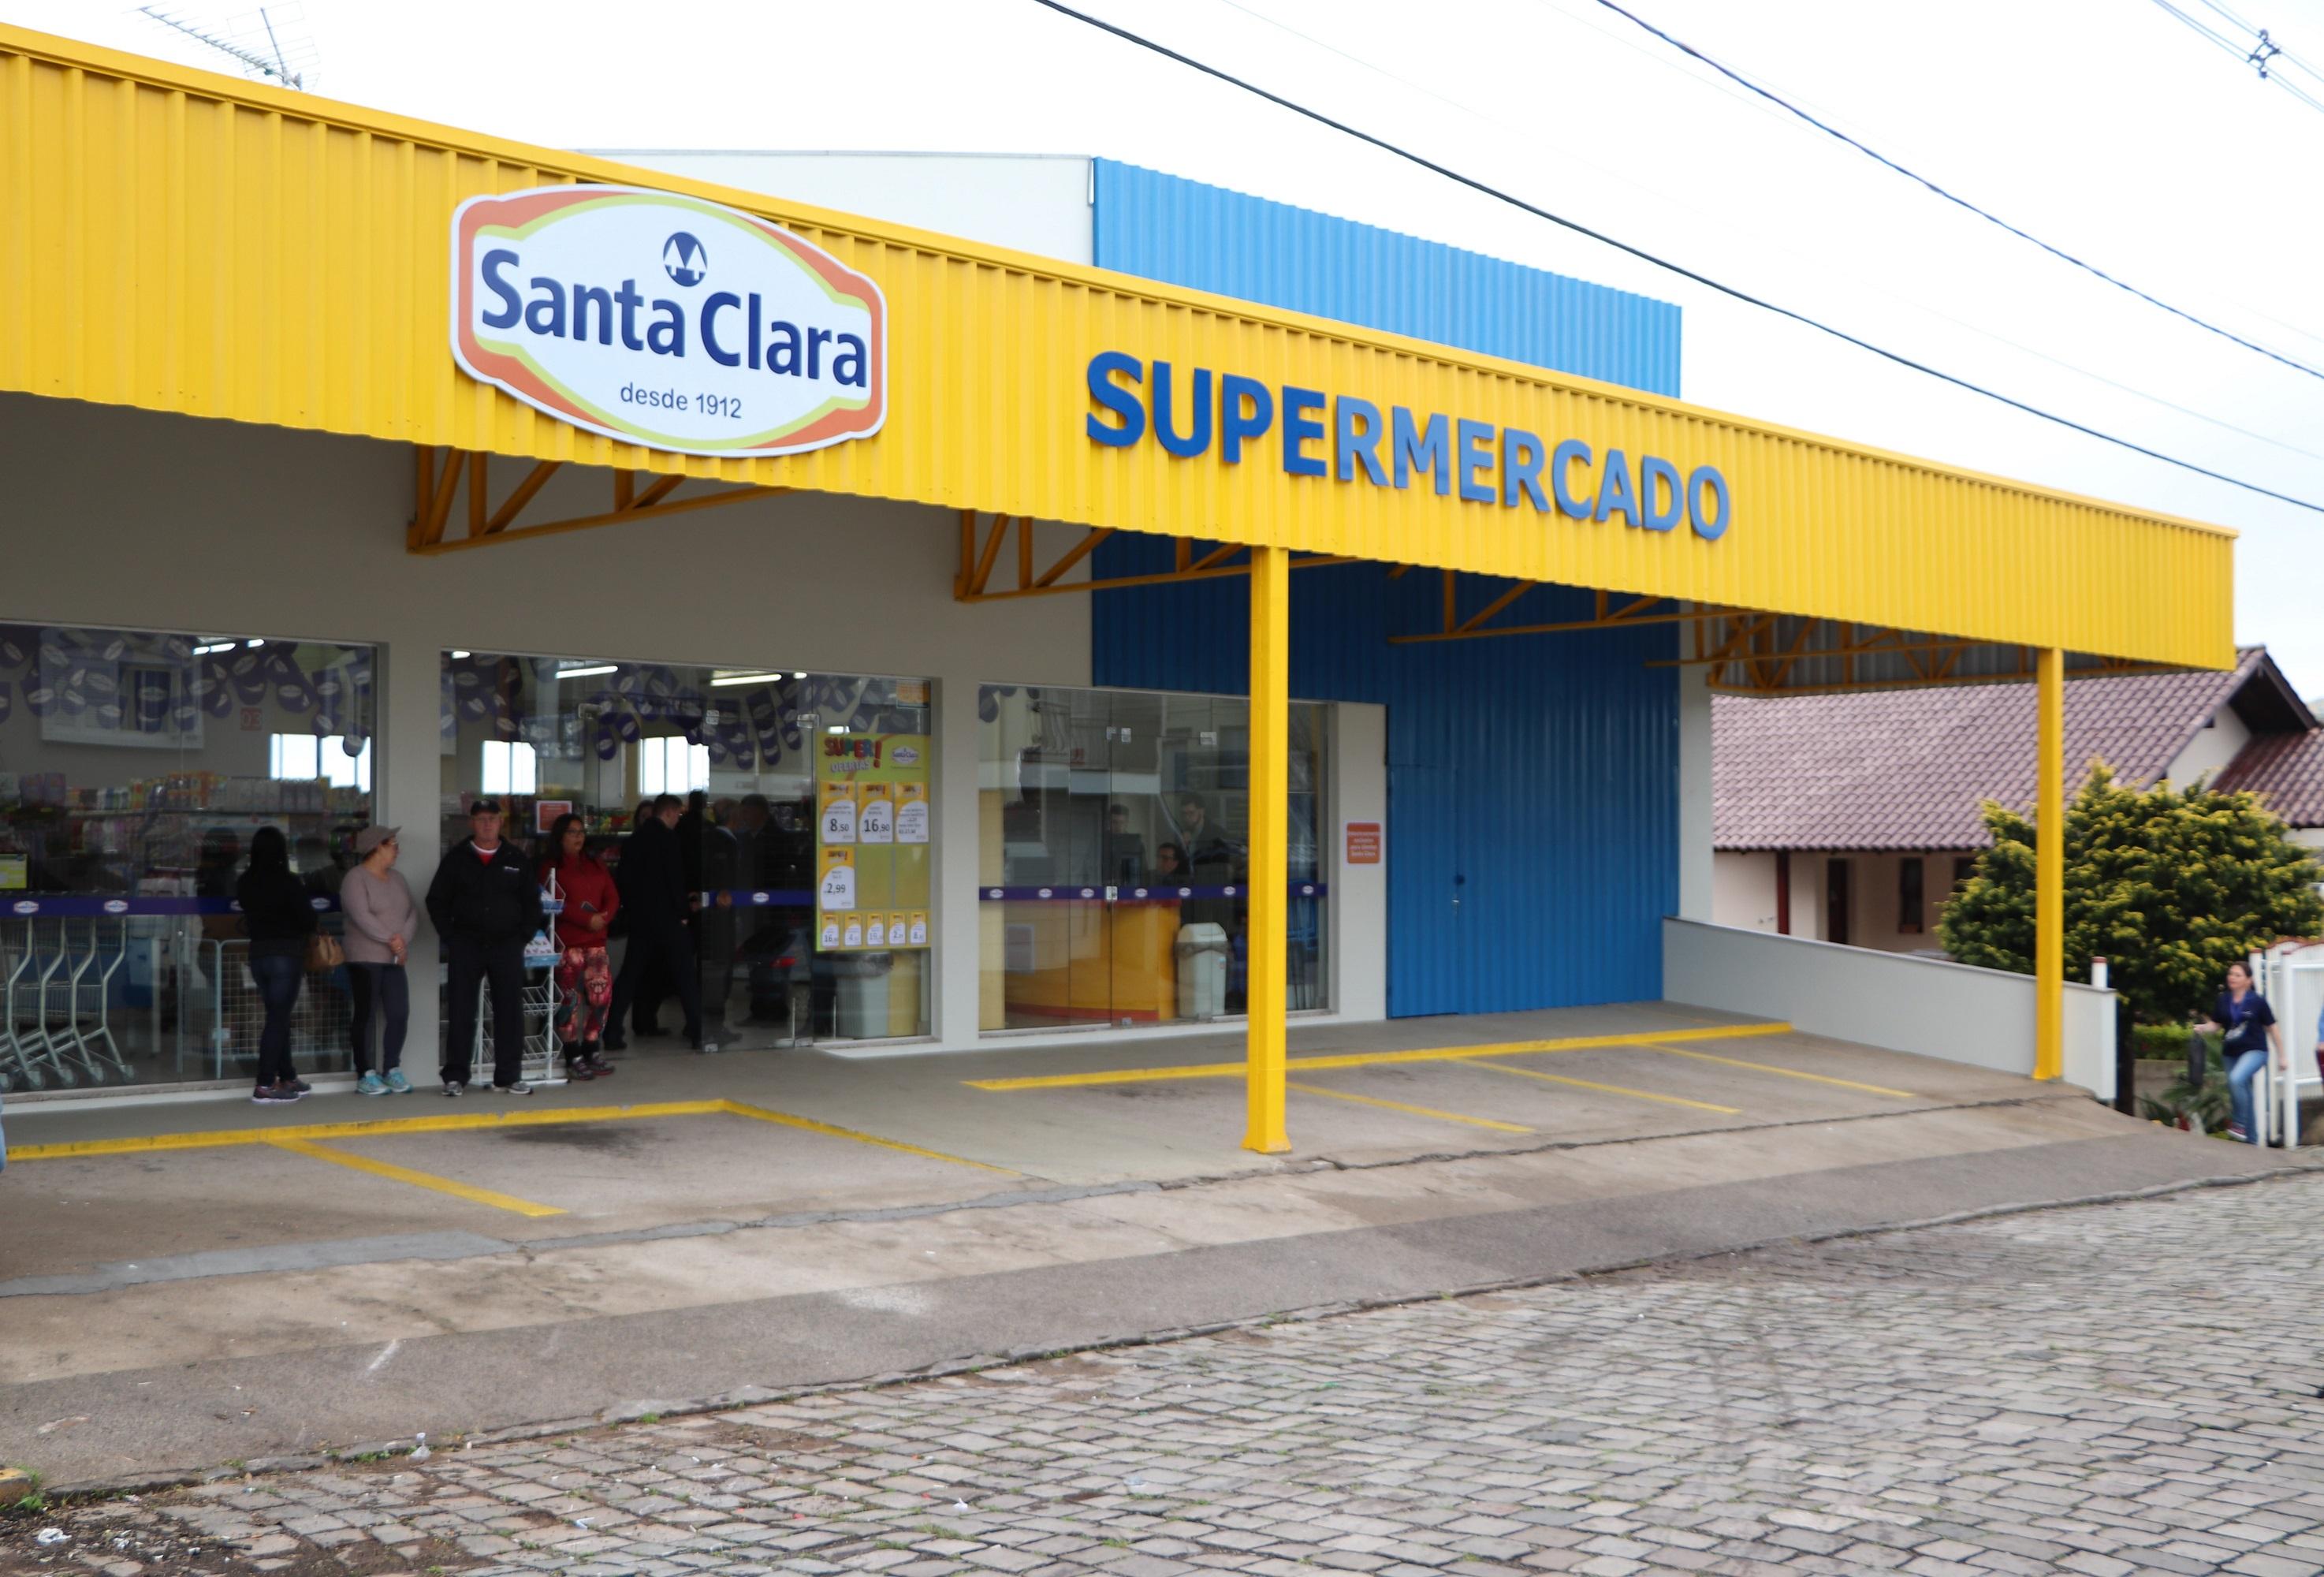 Santa Clara inaugura nova filial de Supermercado em Carlos Barbosa